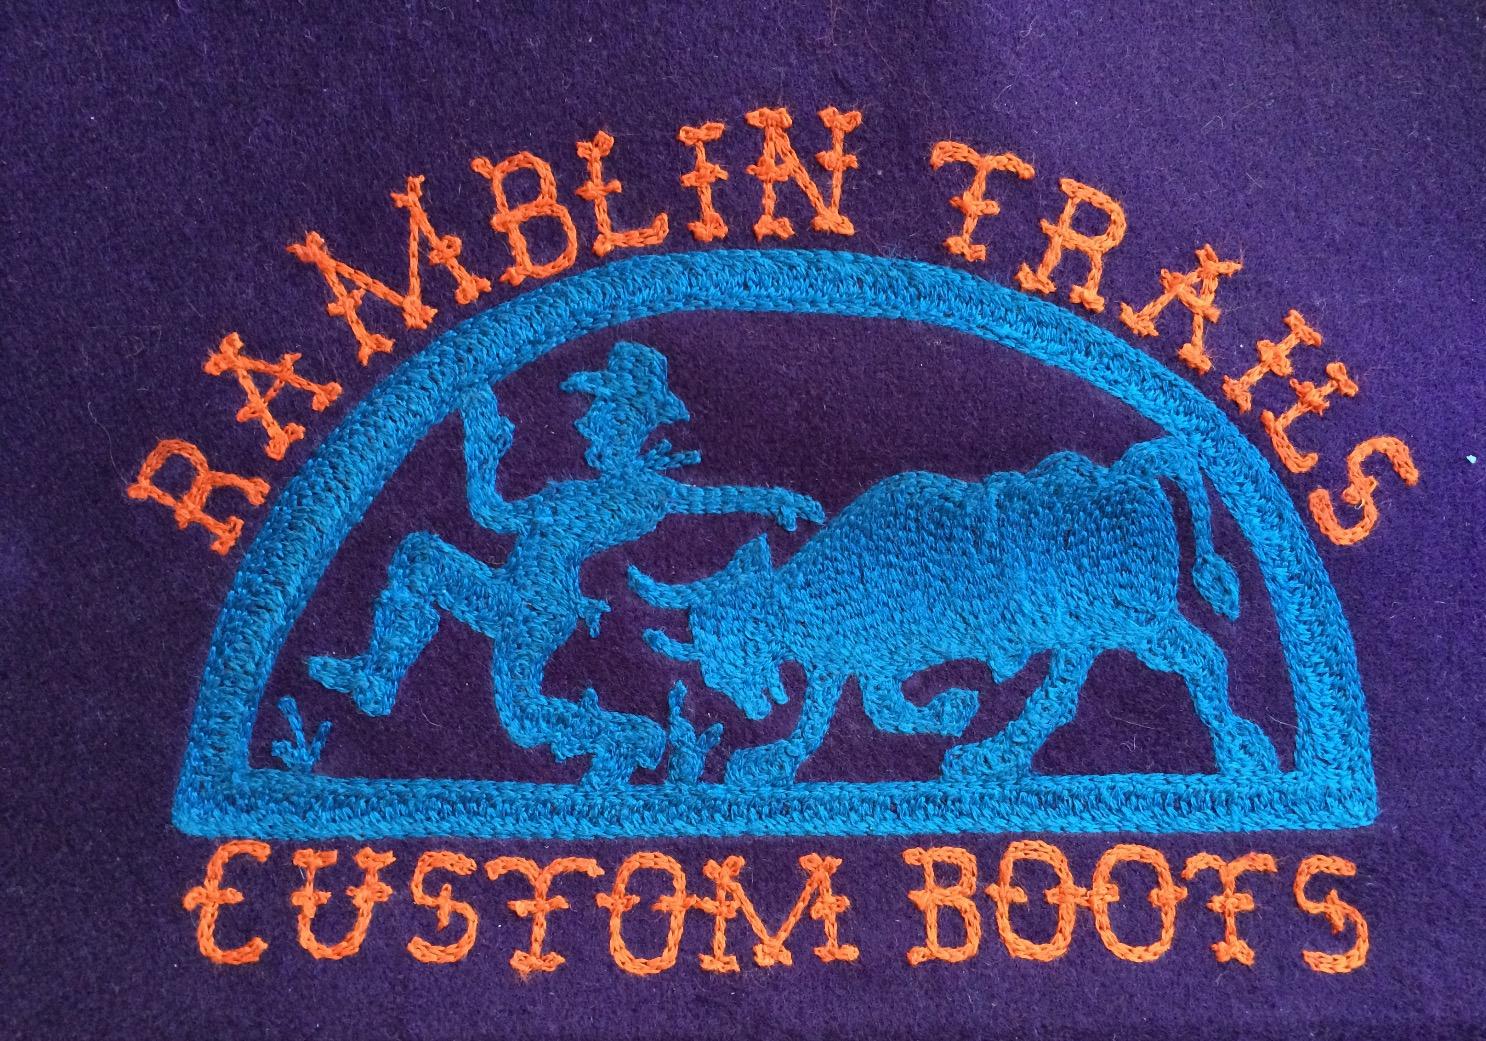 Rambling Trails Custom Boots